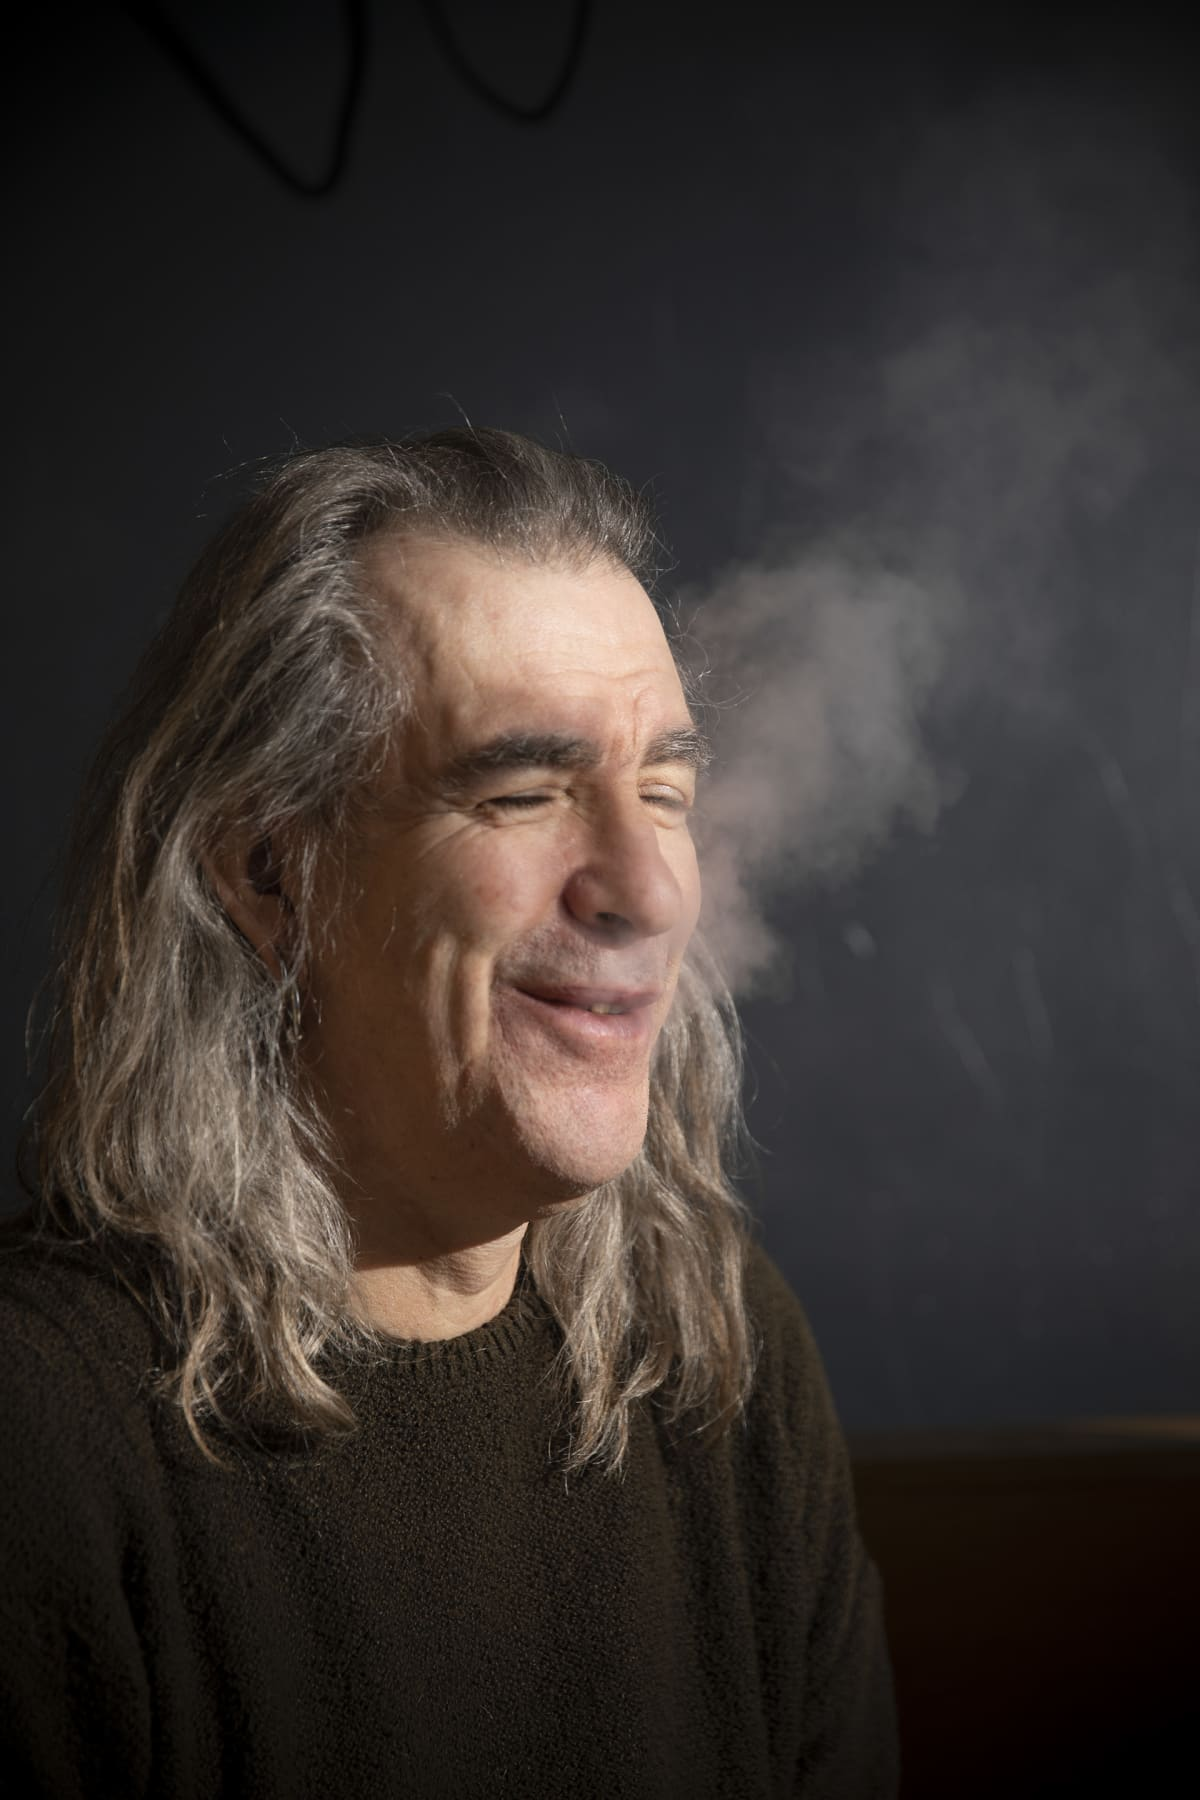 Justin Sullivan puhaltaa savua ja hymyilee